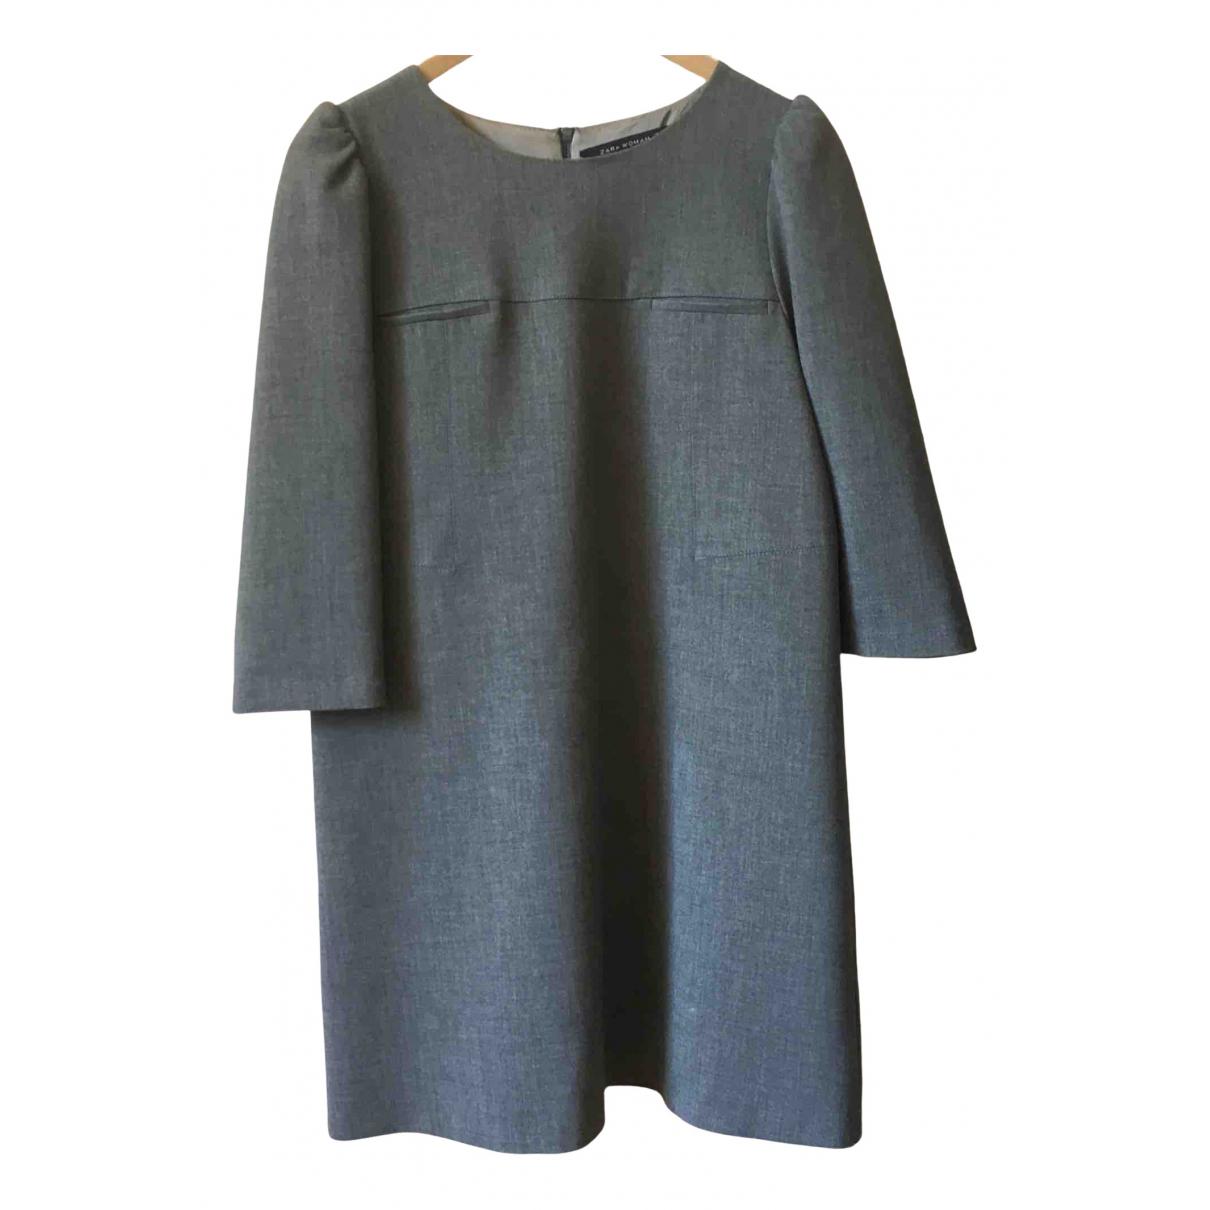 Zara - Robe   pour femme - gris